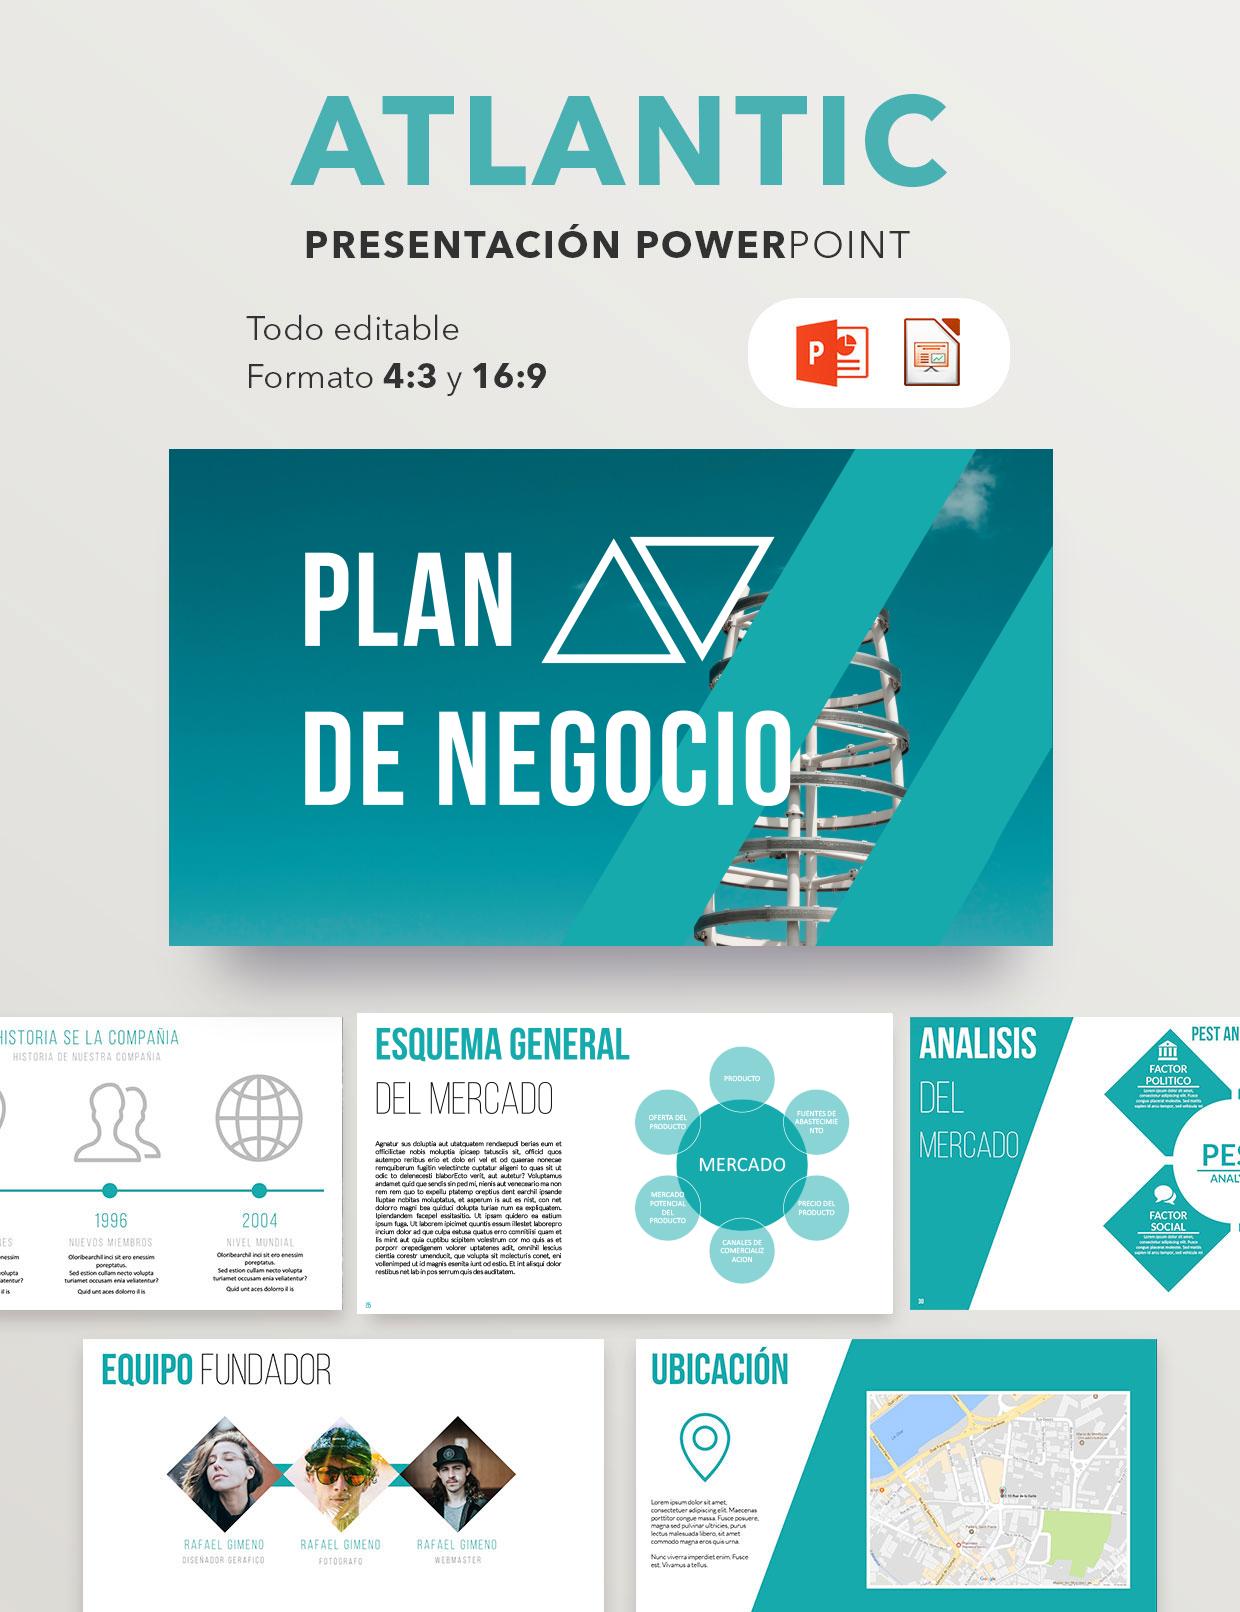 Plantillas de PowerPoint formales | Presentaciones gratis